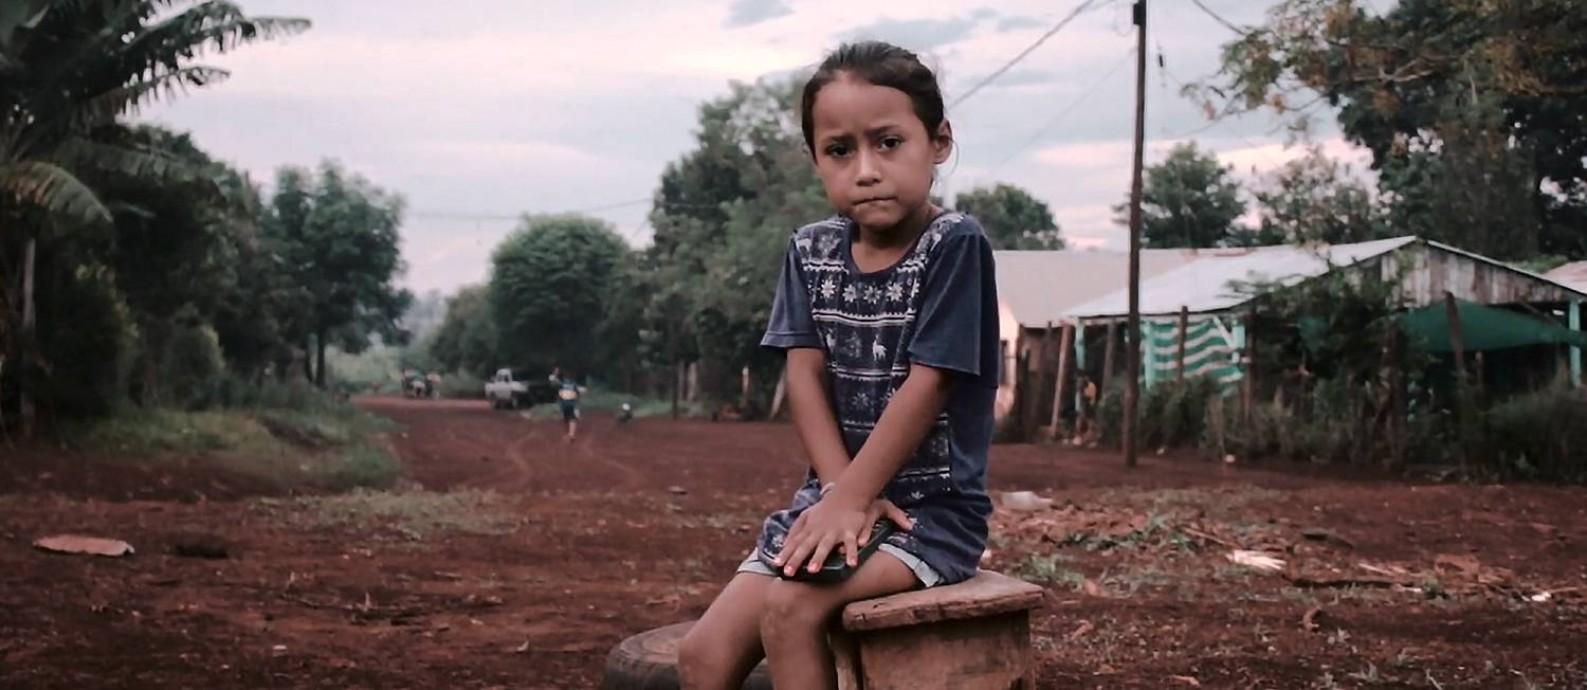 """Criança retratada em """"Me gusta el mate sin trabajo infantil"""", que será exibido a partir de sábado no 64º Festival Internacional de Criatividade Cannes Lions: apelos até ao papa Foto: Divulgação /"""